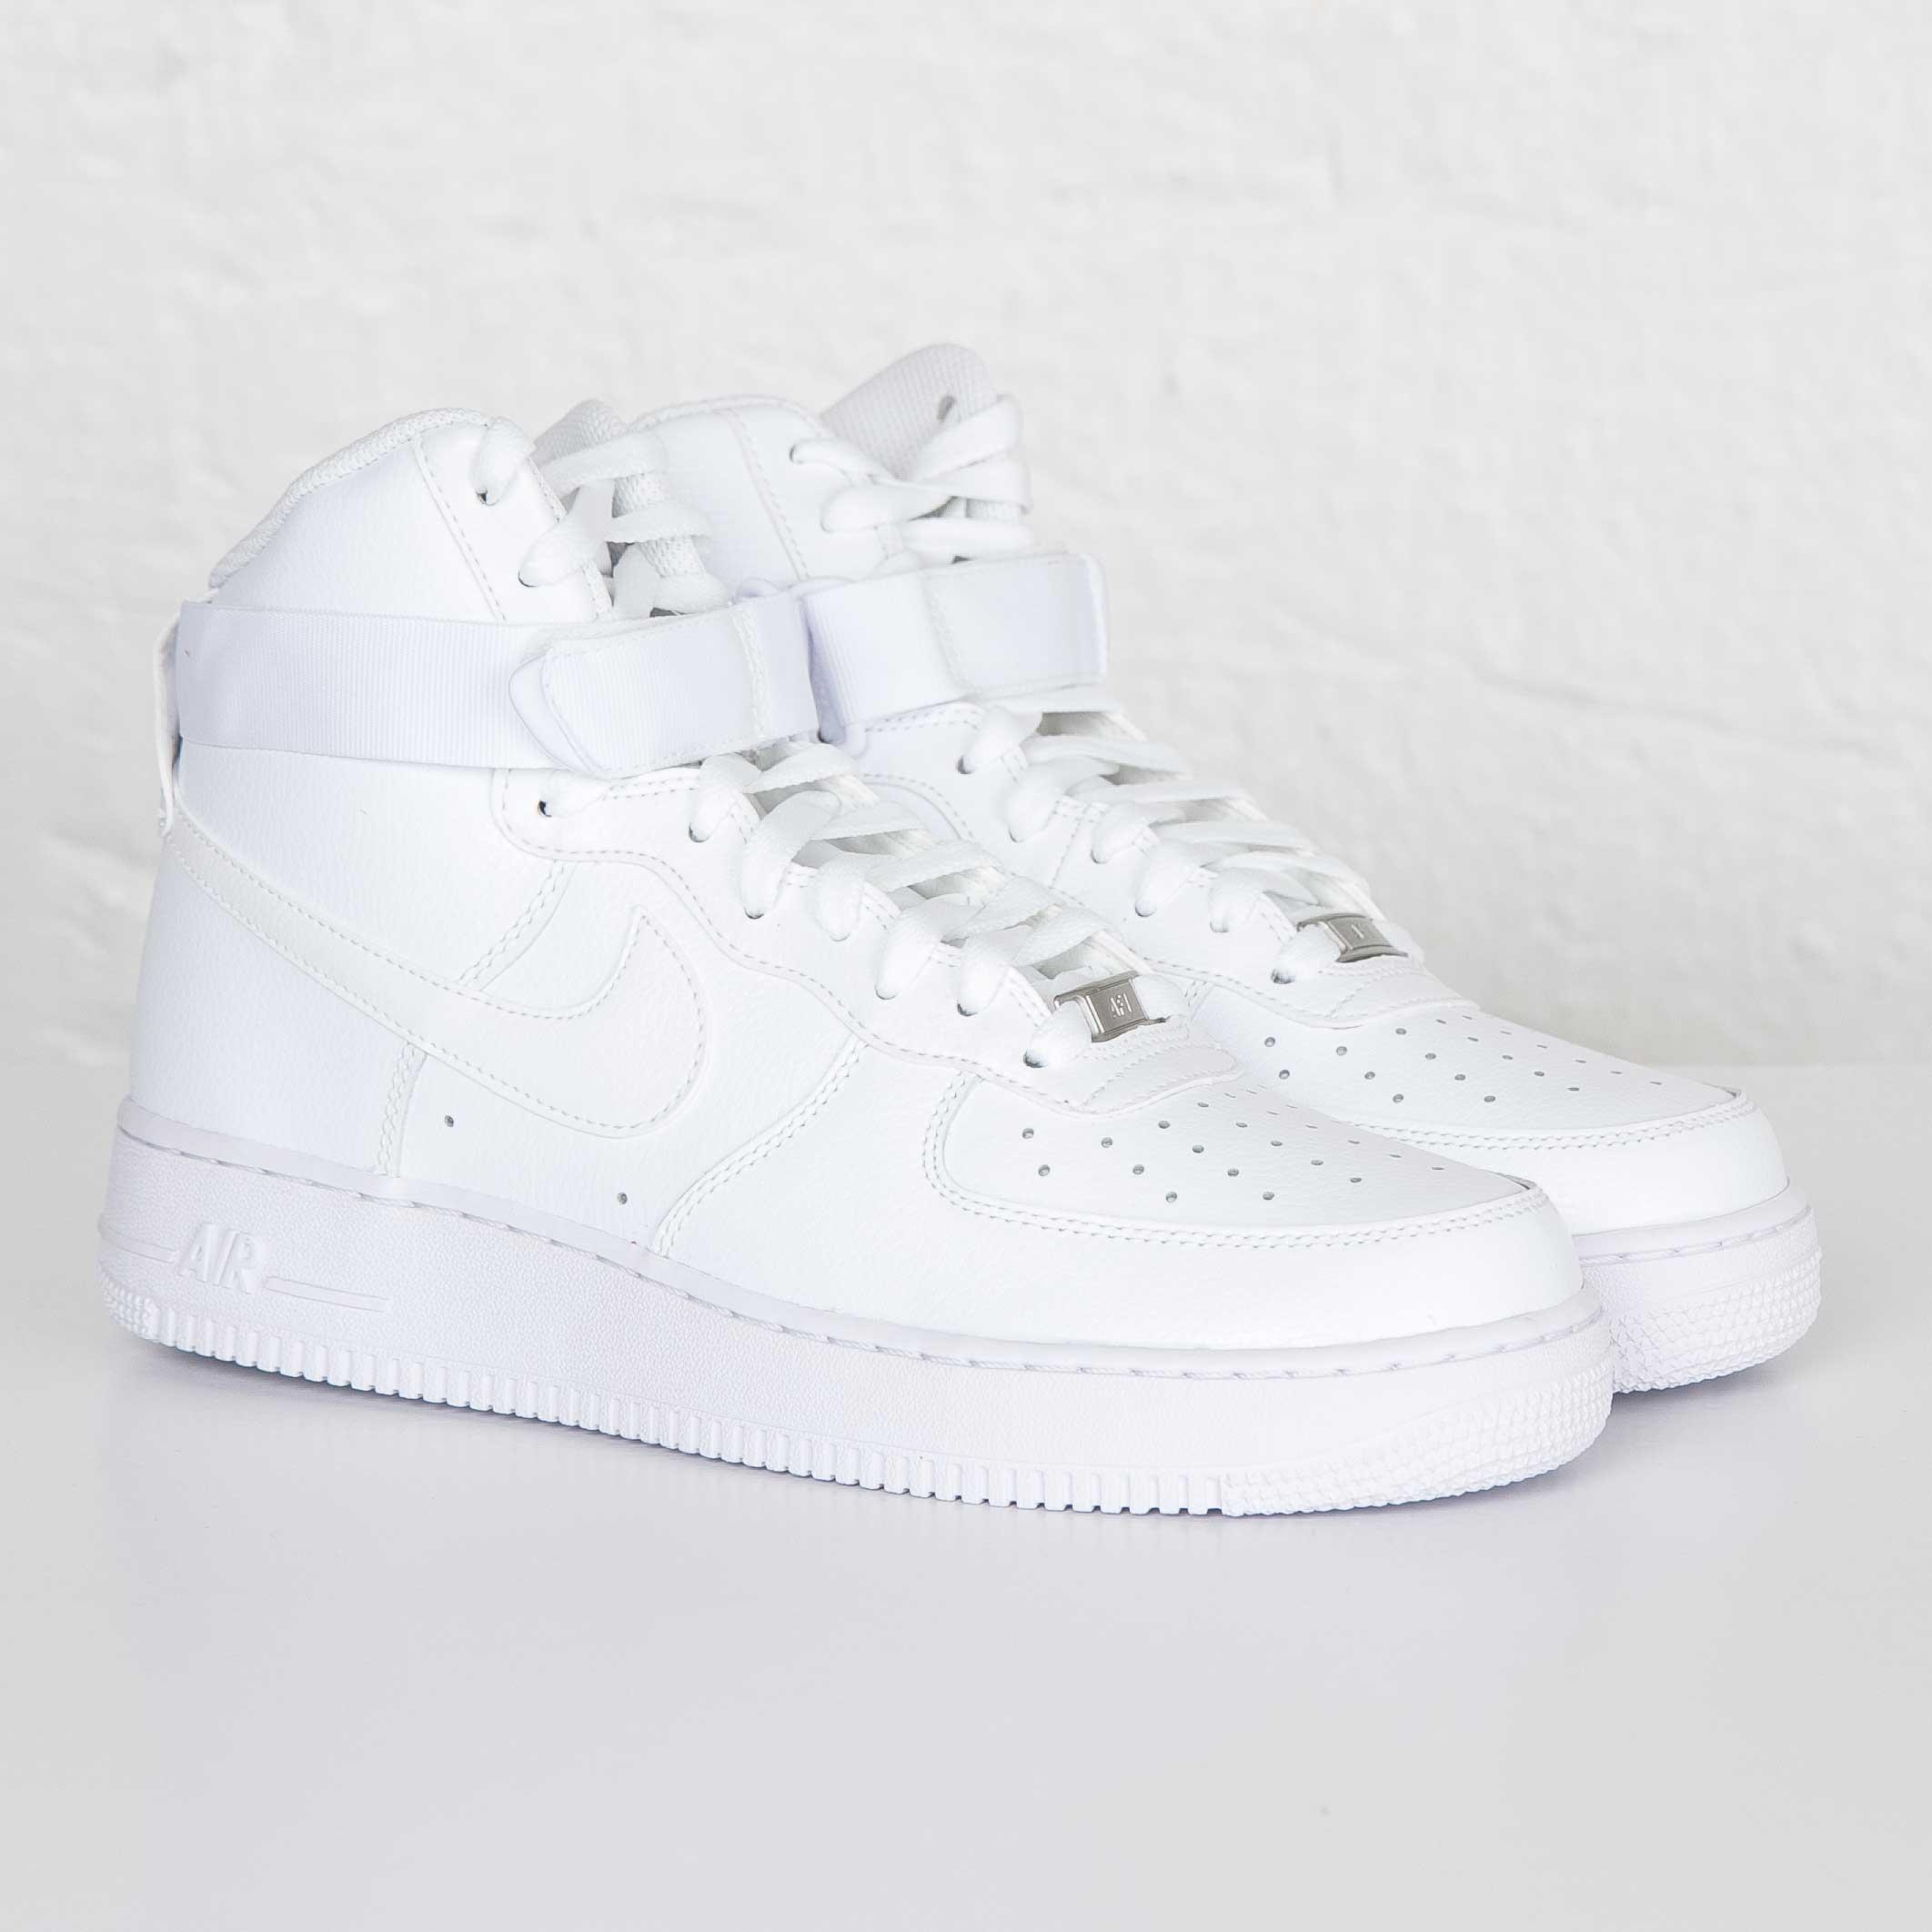 promo code 33632 1f793 Nike Air Force 1 High 07